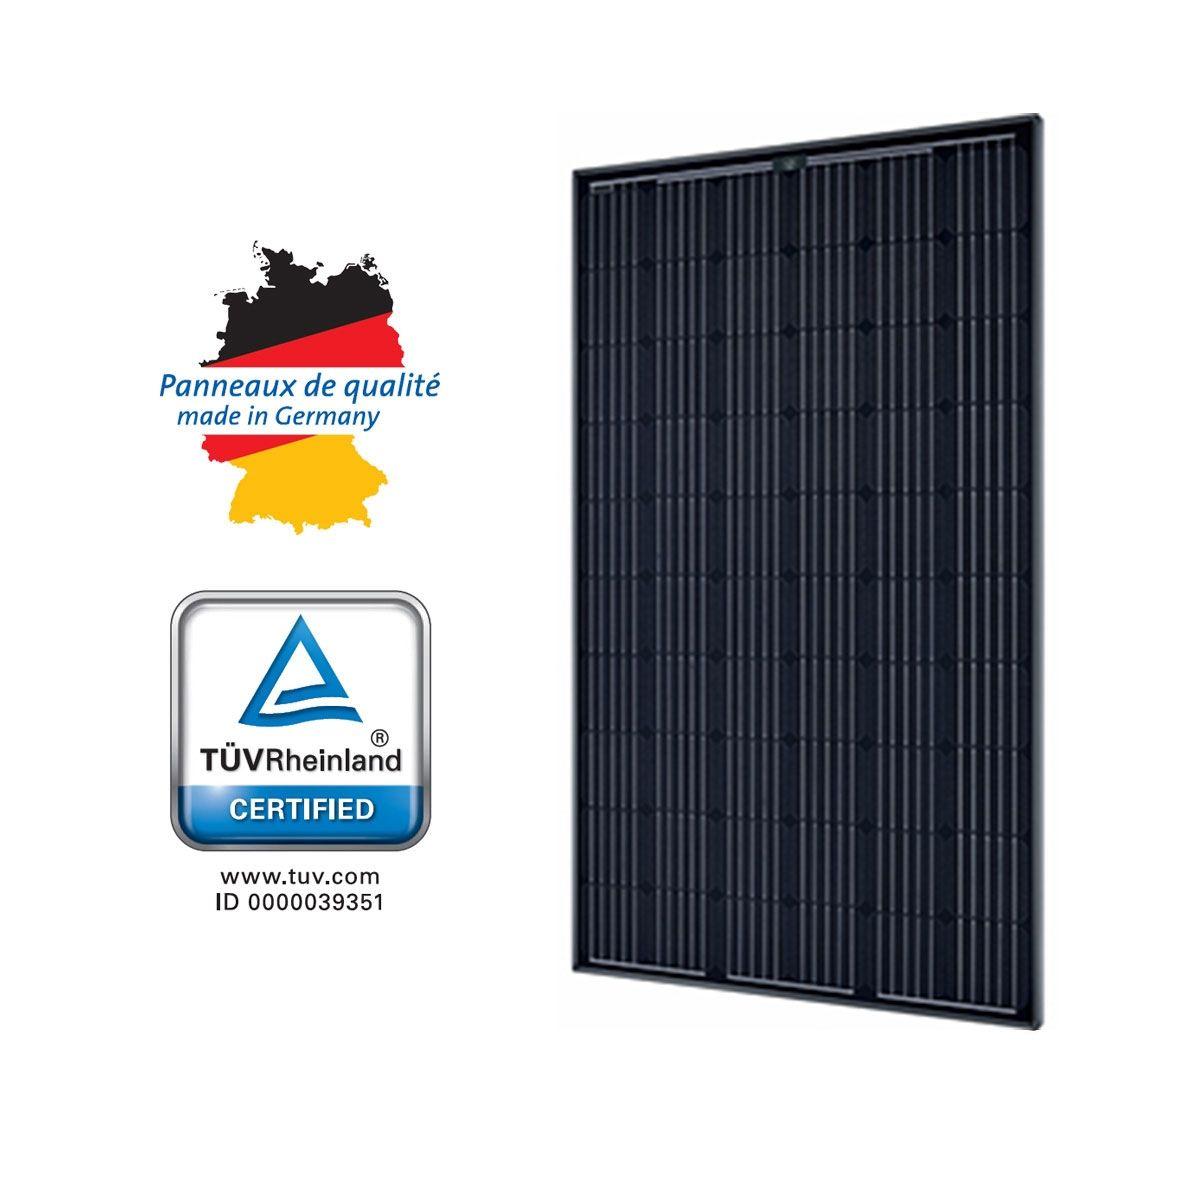 panneau solaire pas cher chine fabricant w pas cher panneau solaire with panneau solaire pas. Black Bedroom Furniture Sets. Home Design Ideas